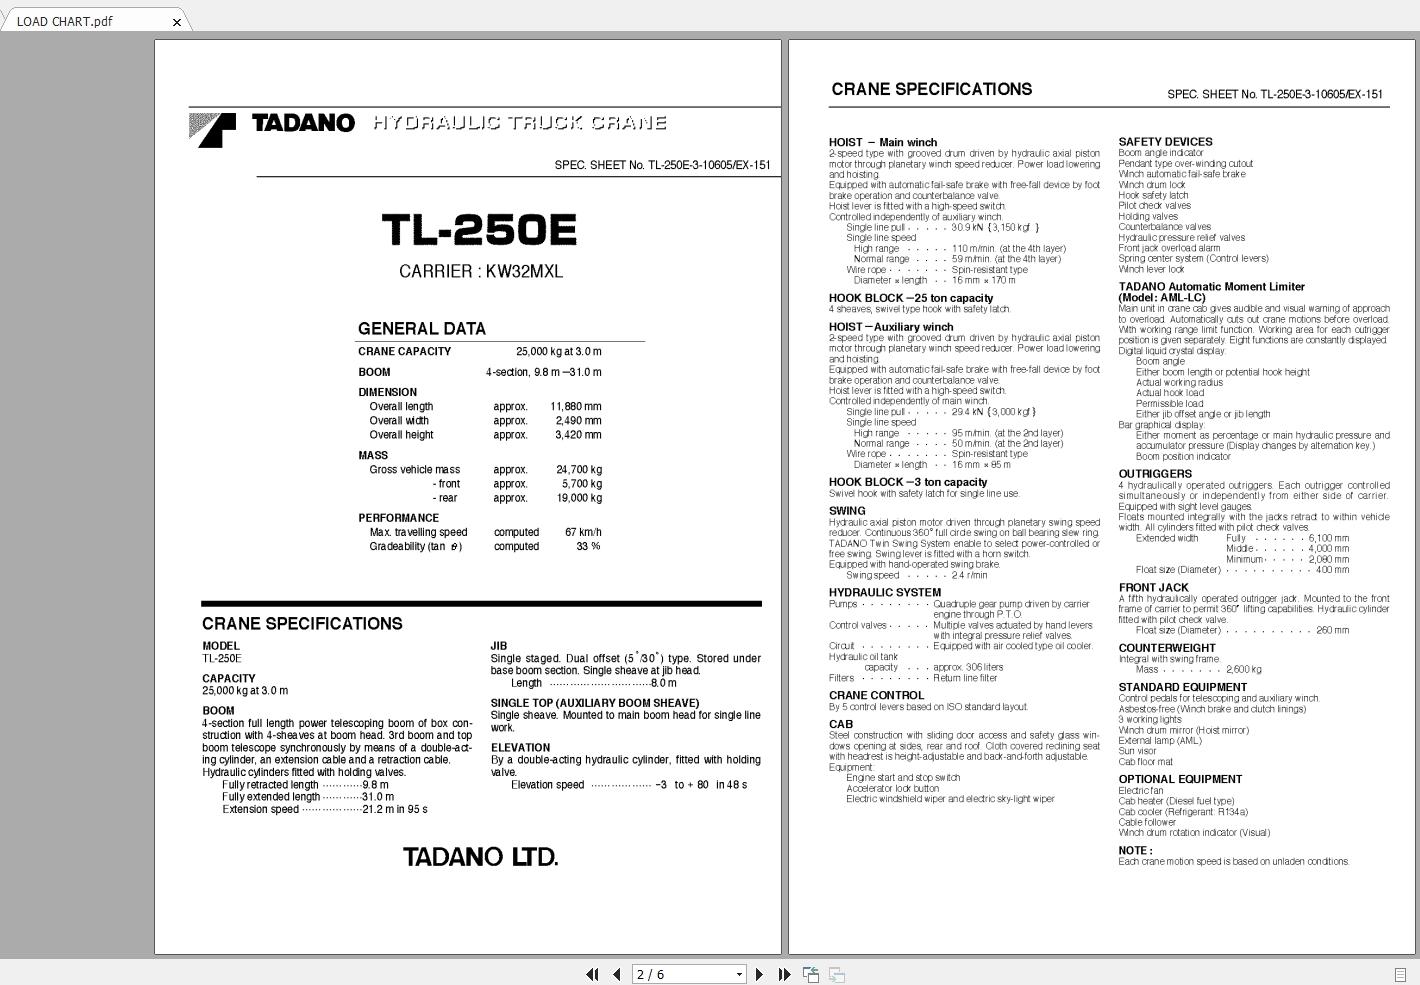 Tadano Mobile Crane TL-250E Circuit Diagram & Load Chart